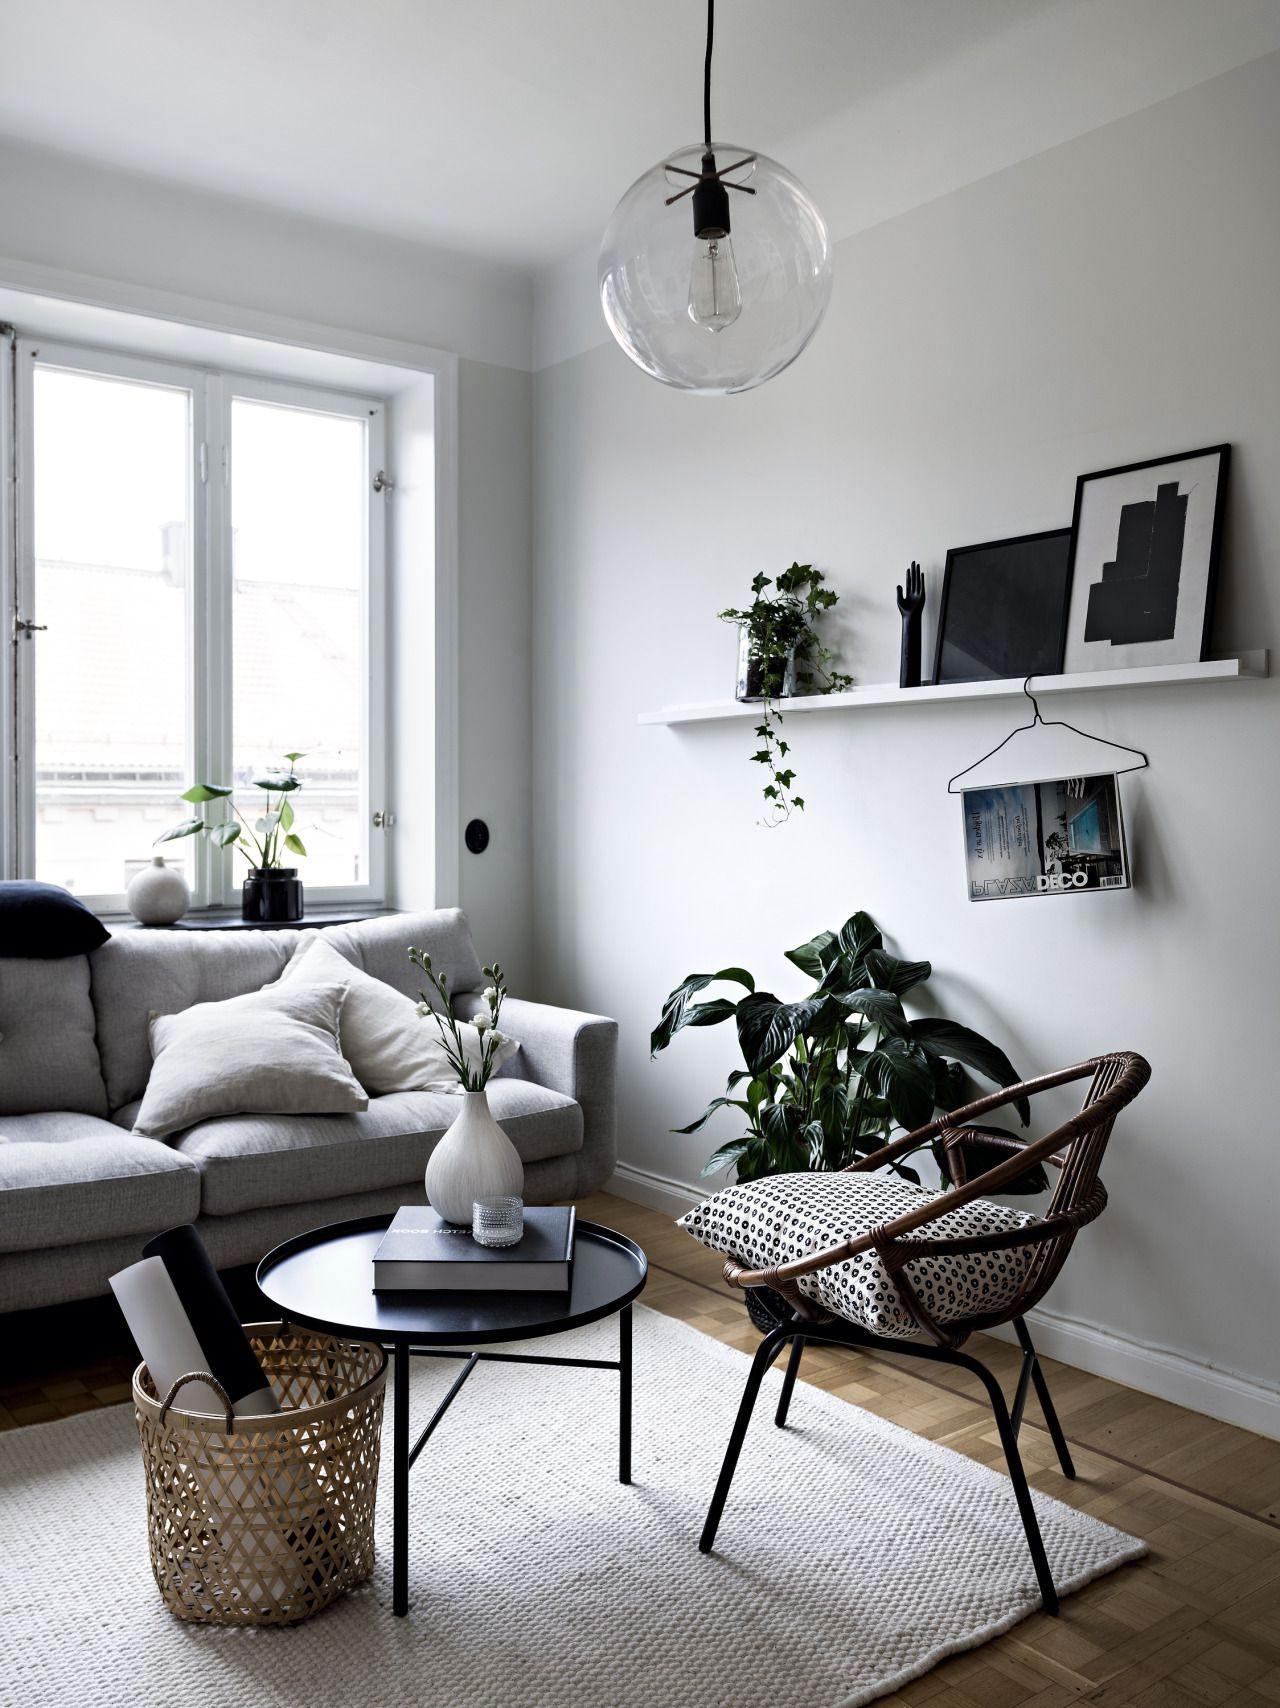 36 beautiful grey scandinavian living rooms ideas in 2020